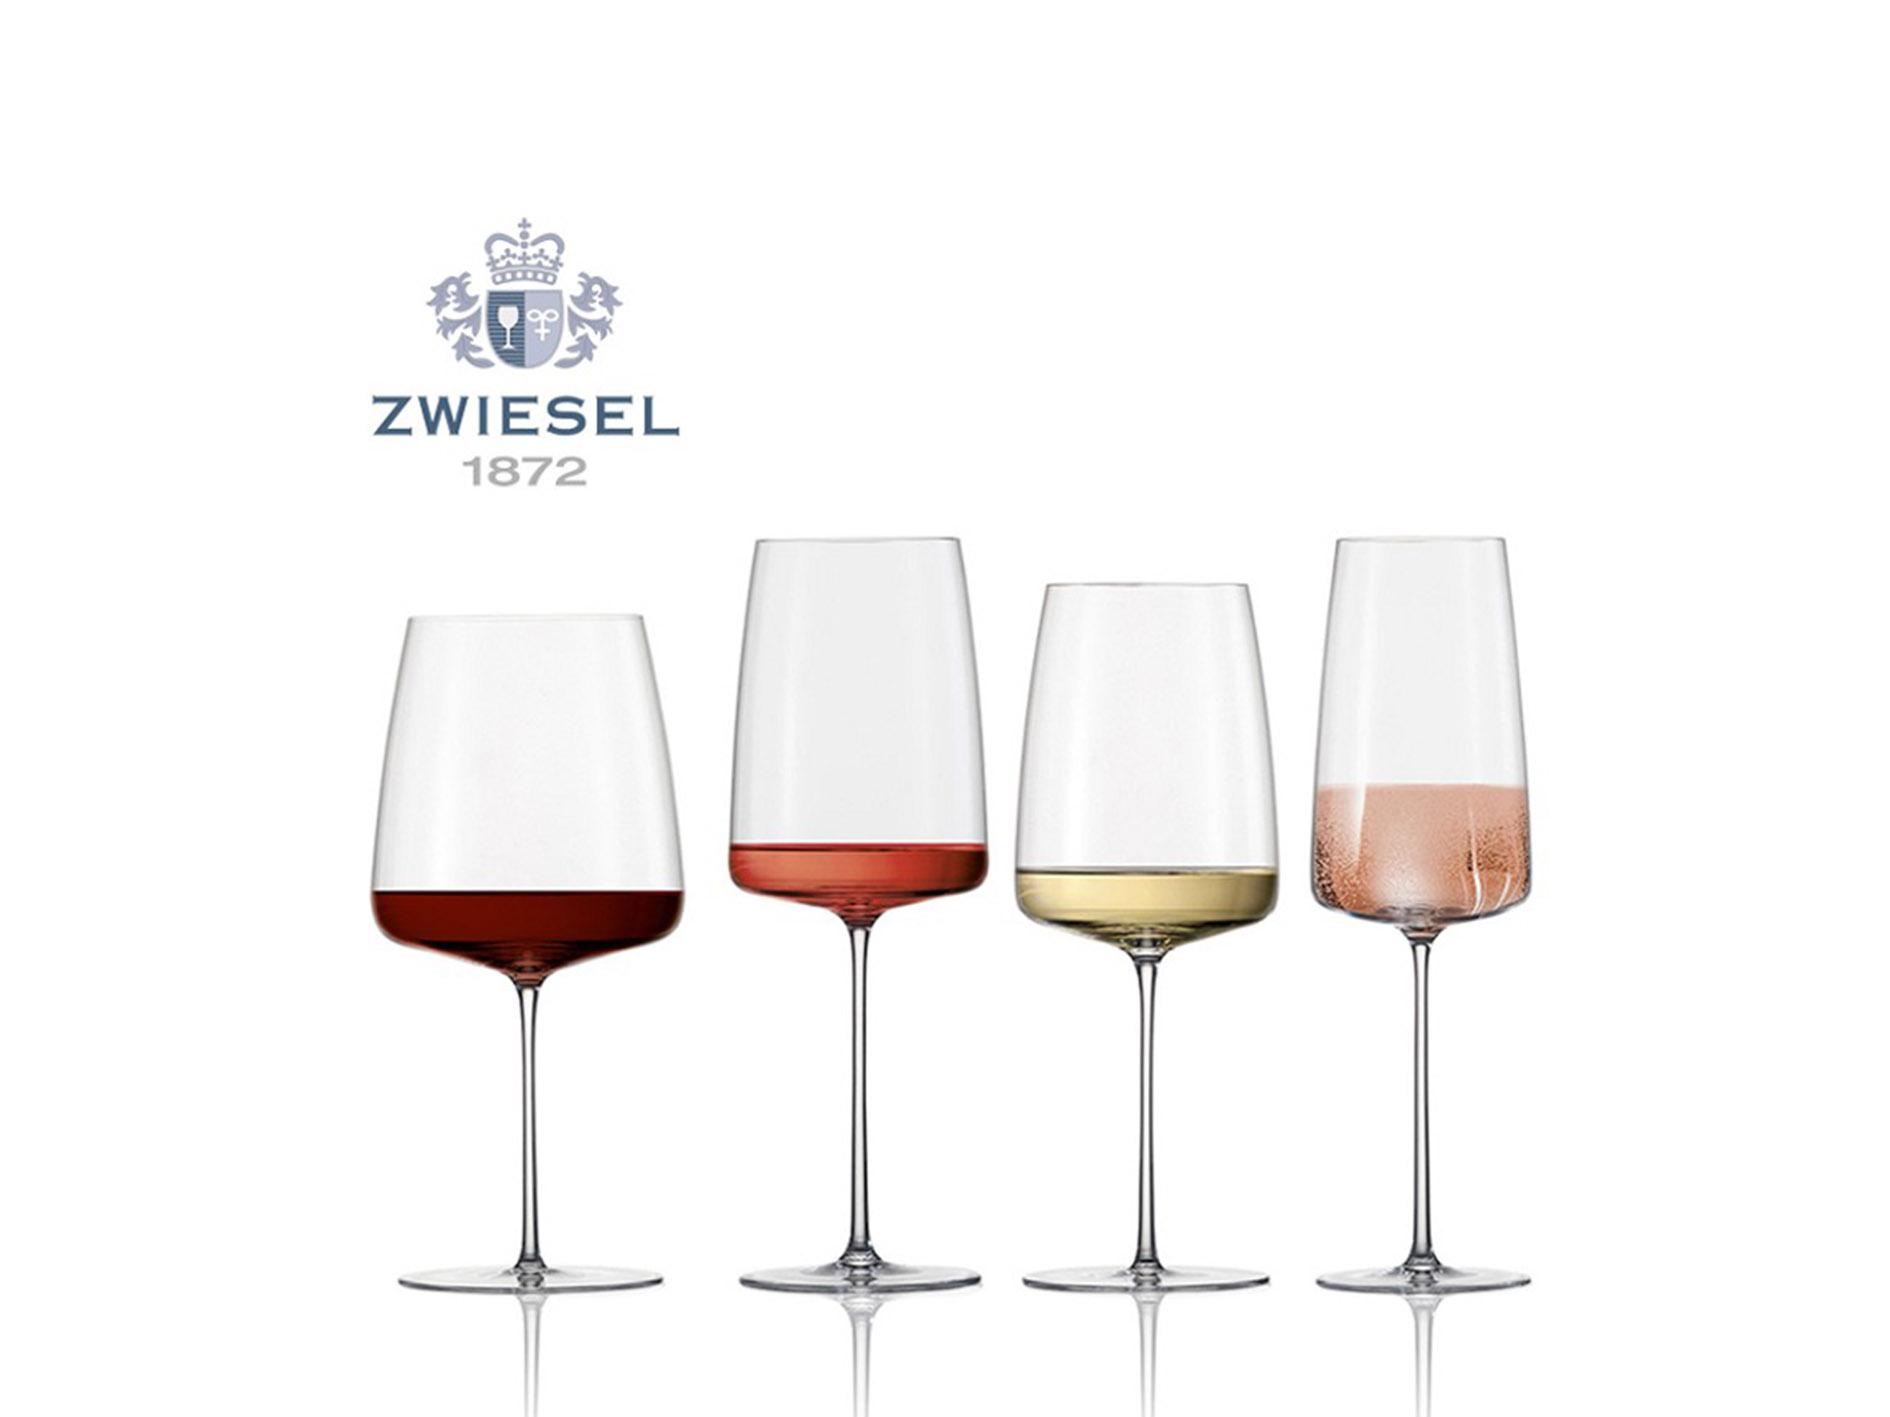 Совместно с Zwiesel 1872